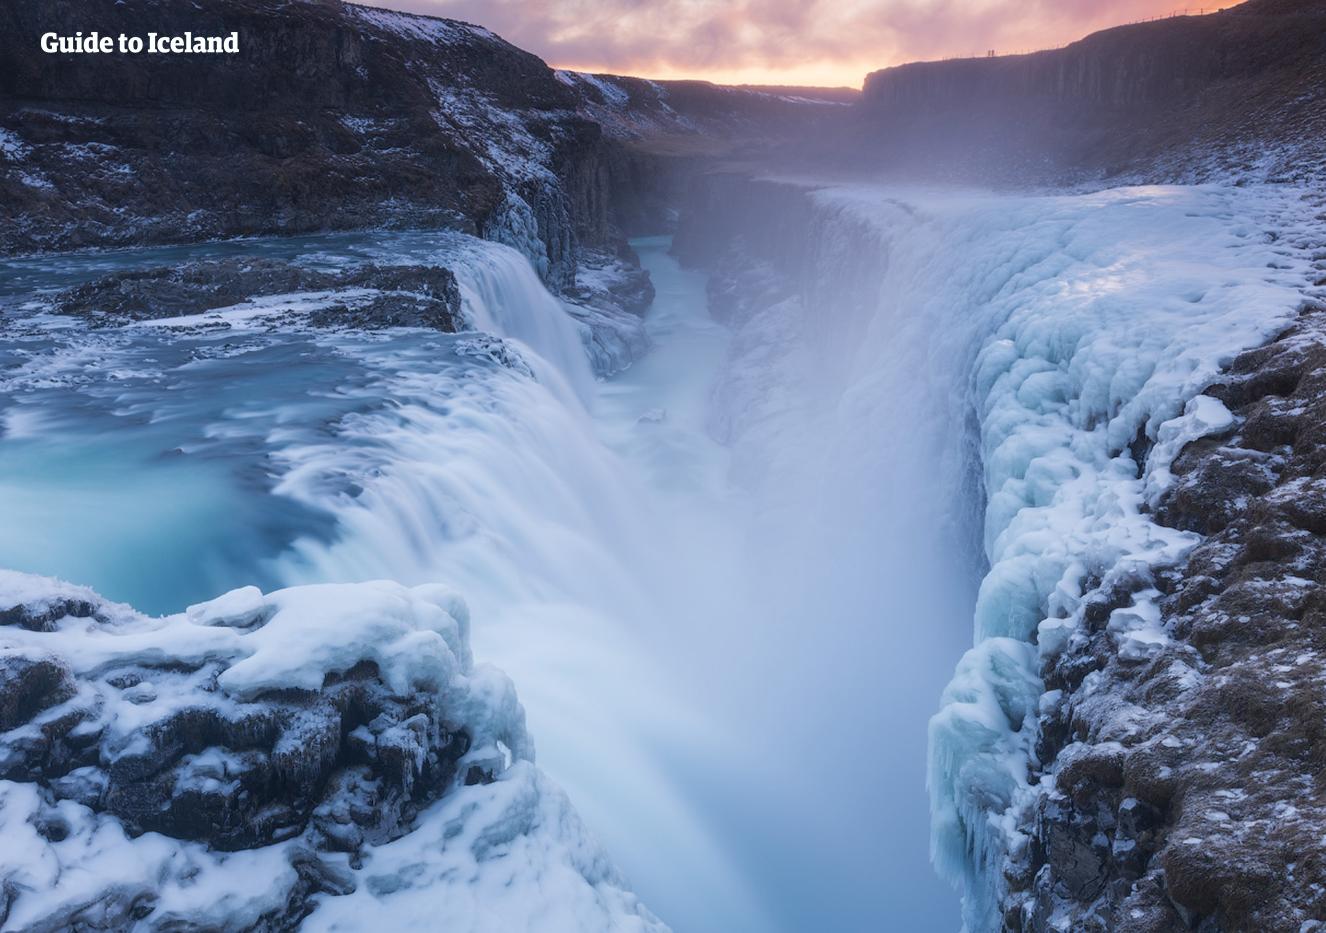 8-дневный зимний пакетный тур | Кольцевая дорога Исландии в маленькой группе - day 2